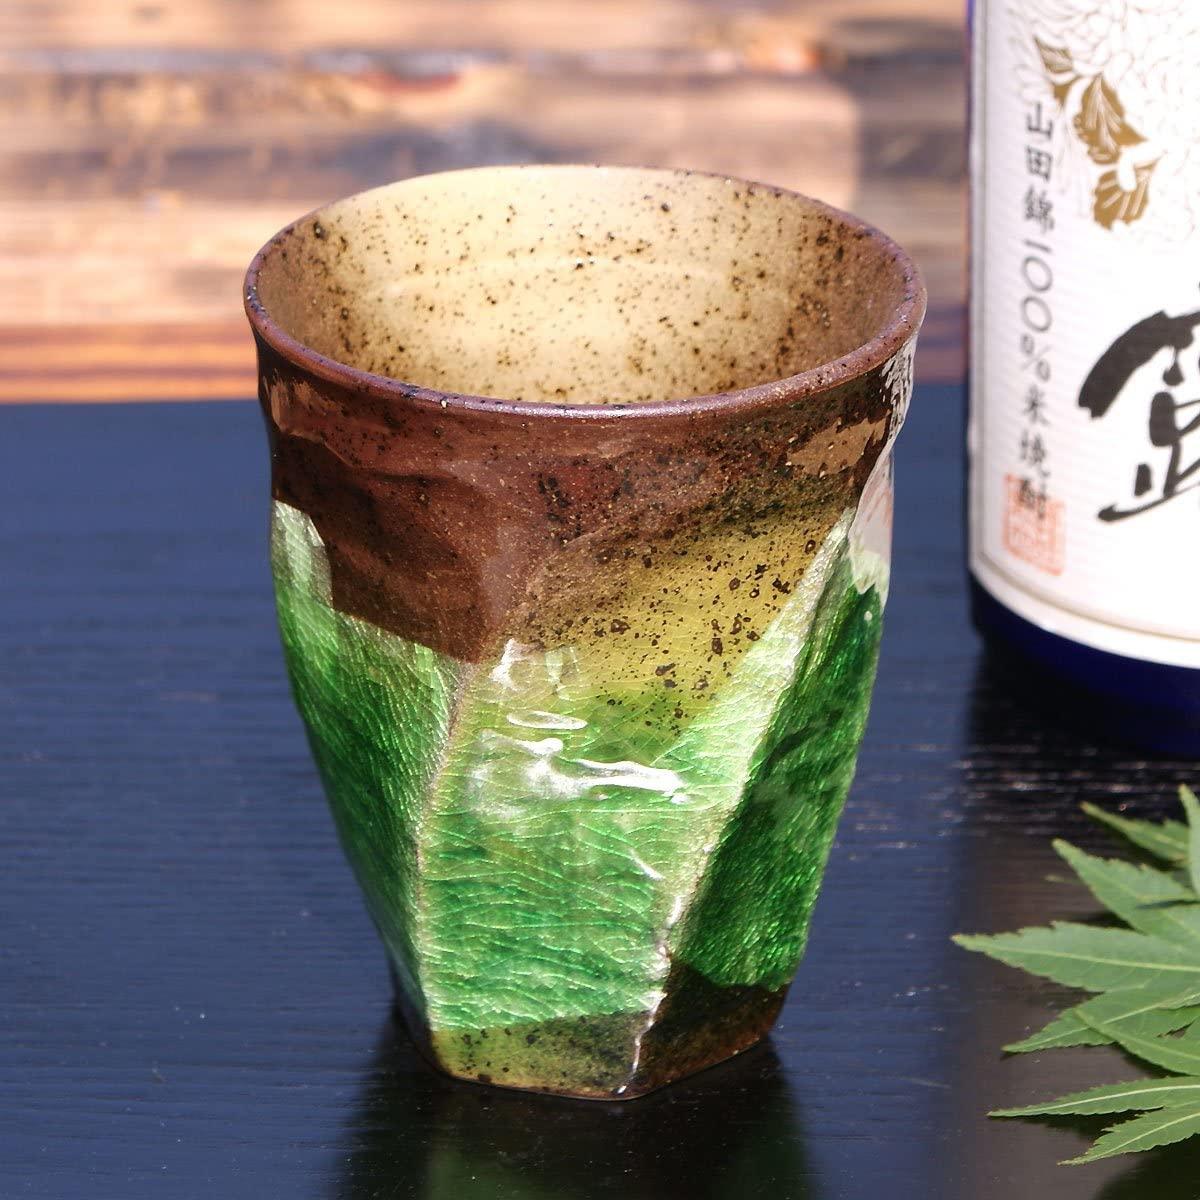 九谷焼 陶器の荒削り 焼酎グラス 銀彩(グリーン)の商品画像